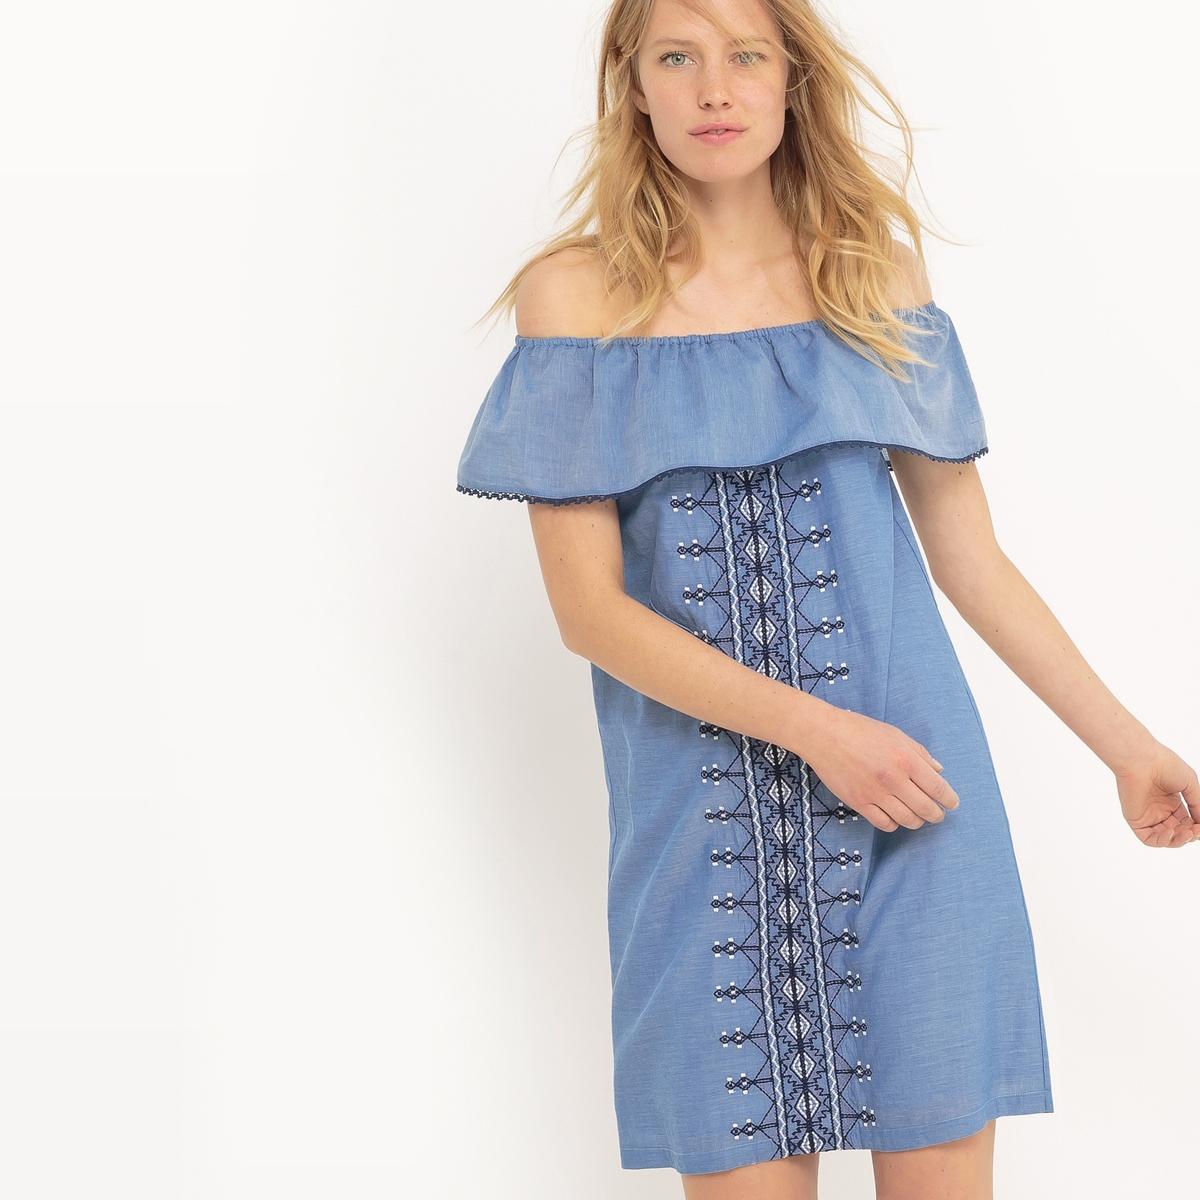 Платье-бандо однотонное с вышивкой длиной до коленМатериал : 100% хлопок      Подкладка : 100% хлопок      Длина рукава : короткие рукава       Форма воротника : без воротника      Покрой платья : платье прямого покроя       Рисунок : однотонная модель.      Особенность материала : с вышивкой        Особенность платья : с воланом       Длина платья : длина до колен      Стирка : машинная стирка при 30 °С в деликатном режиме      Уход : сухая чистка и отбеливание запрещены      Машинная сушка : машинная сушка запрещена      Глажка : при низкой температуре<br><br>Цвет: синий<br>Размер: 36 (FR) - 42 (RUS)